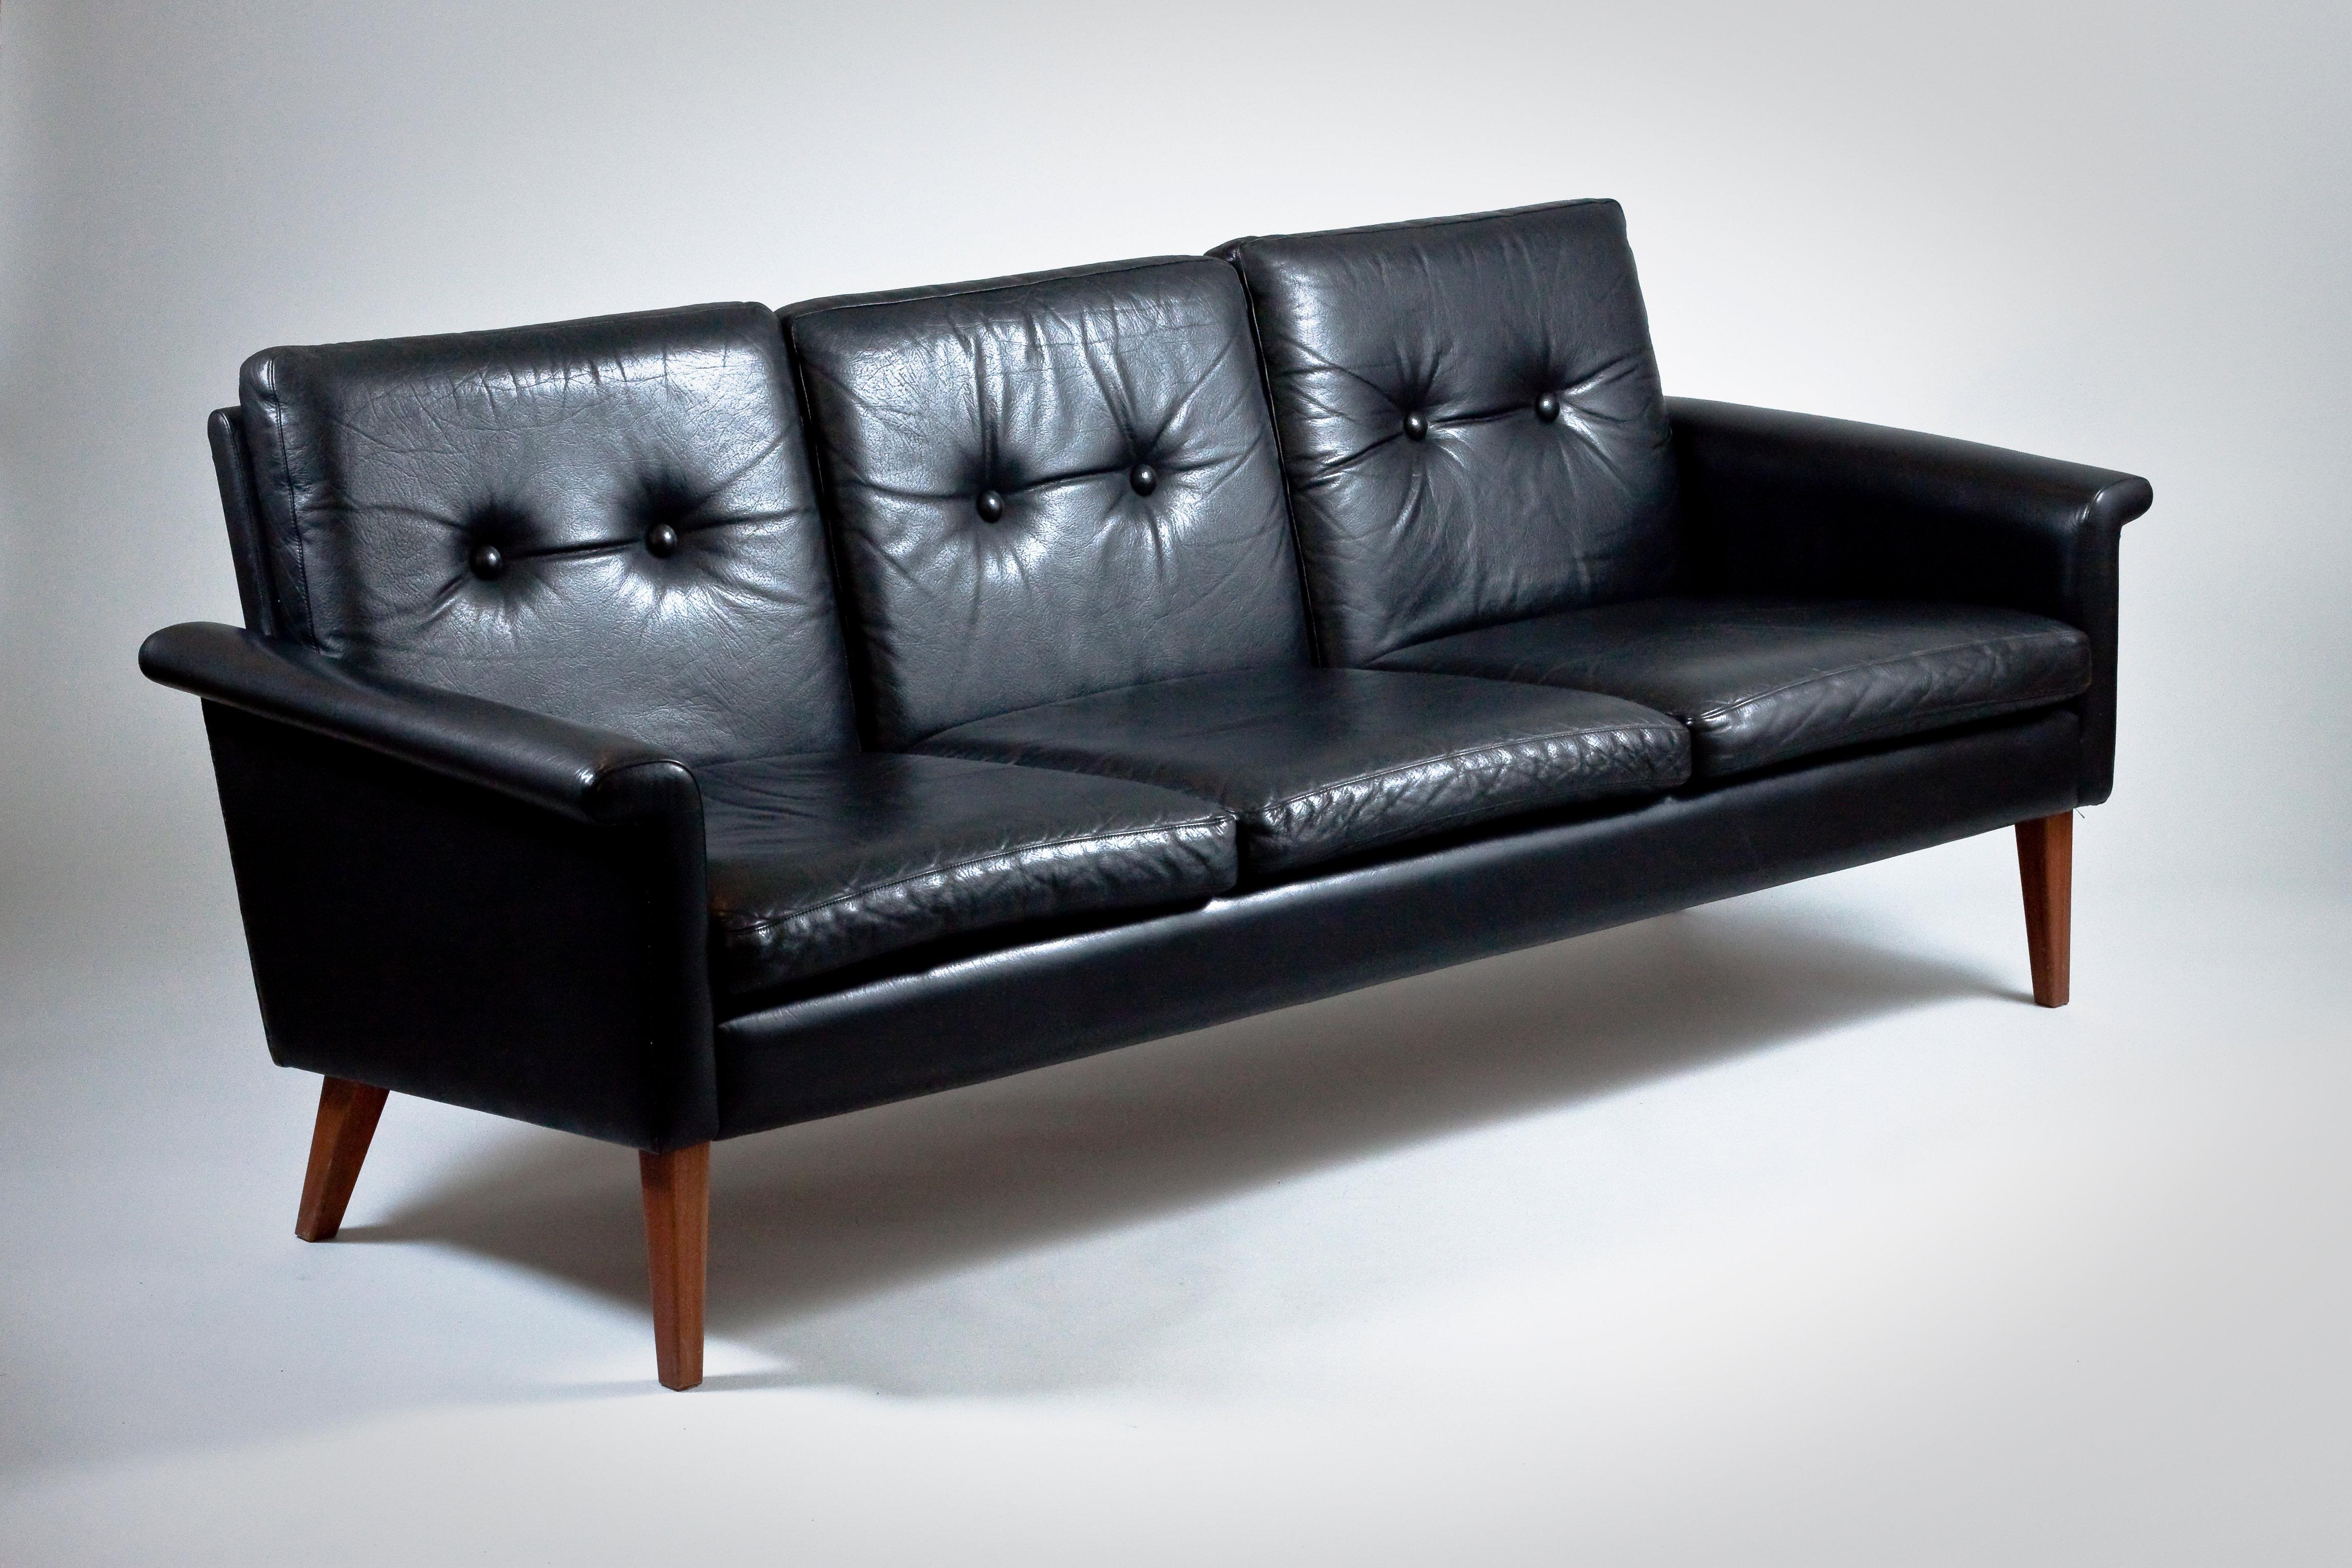 Scandinavian 1960s Black Leather Sofa | Nordisten